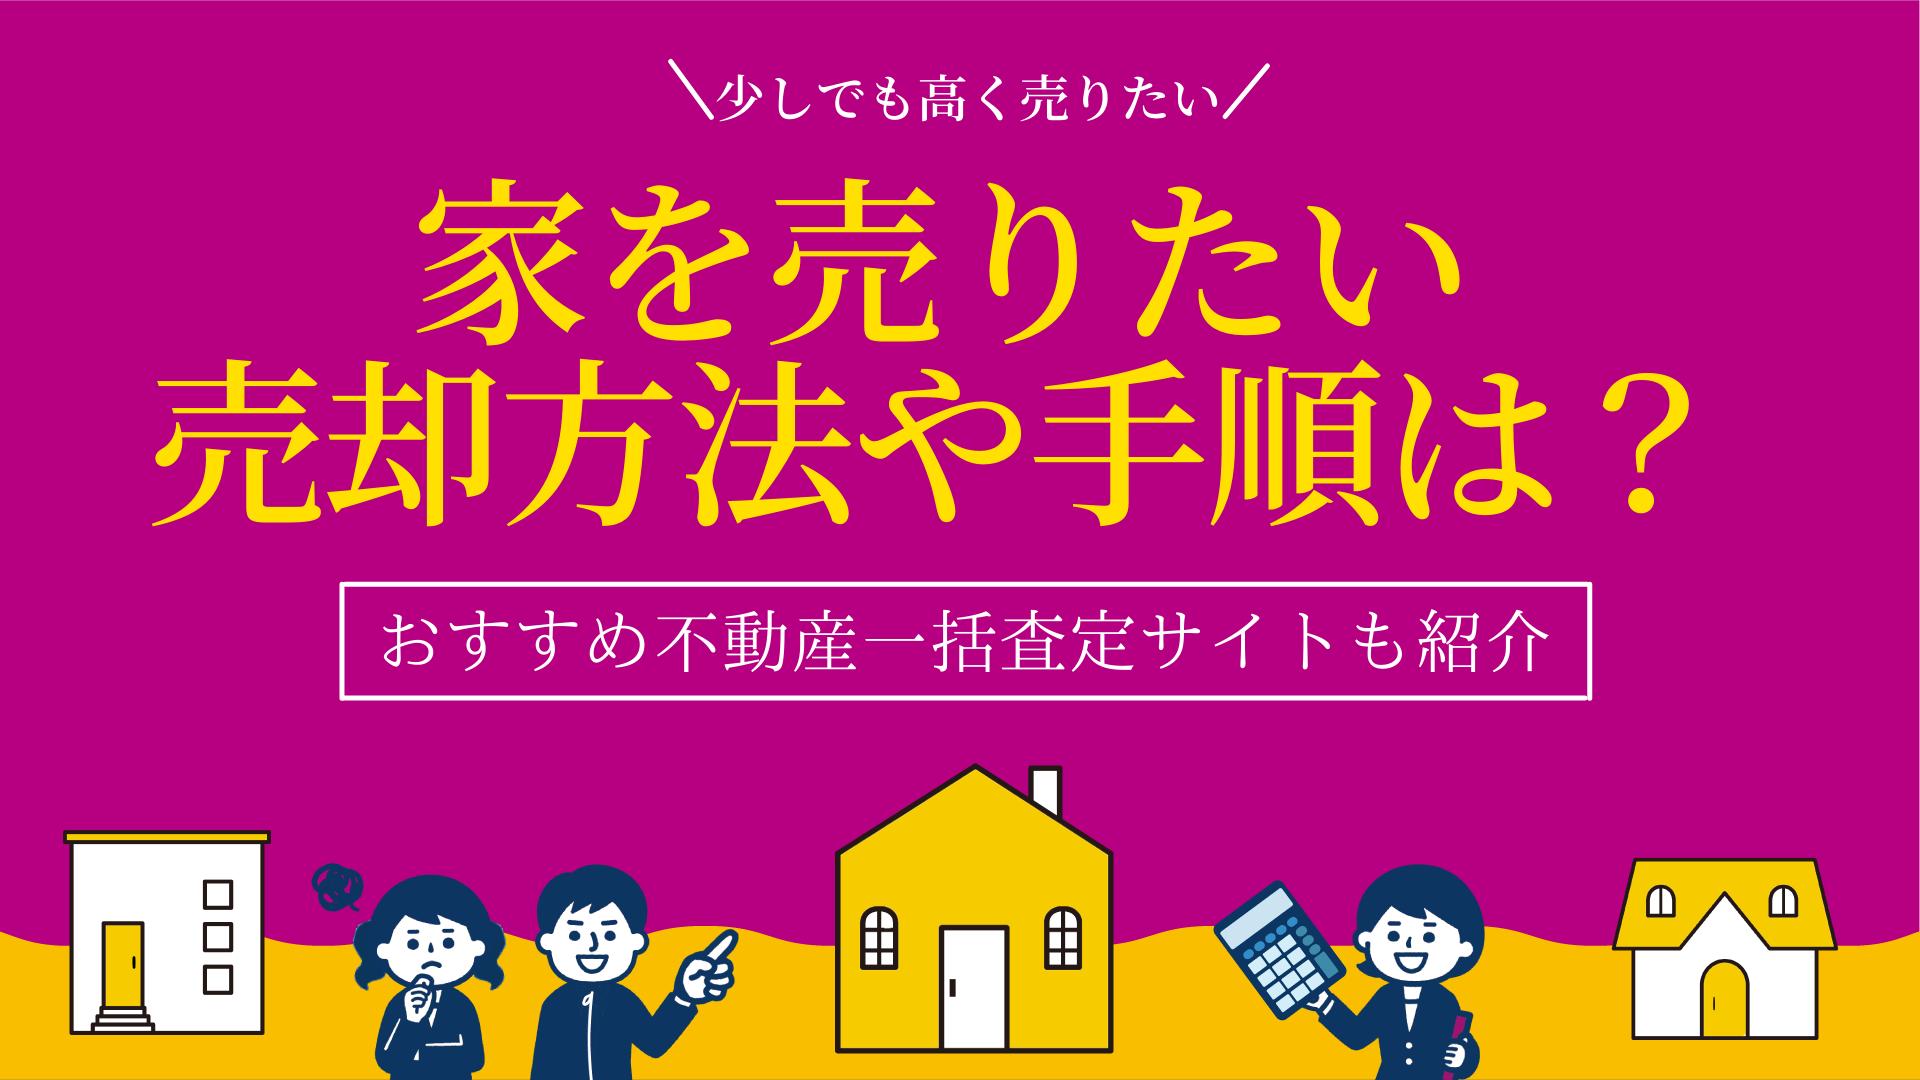 家を売りたい人必見!家を売る手順や費用・税金について徹底解説